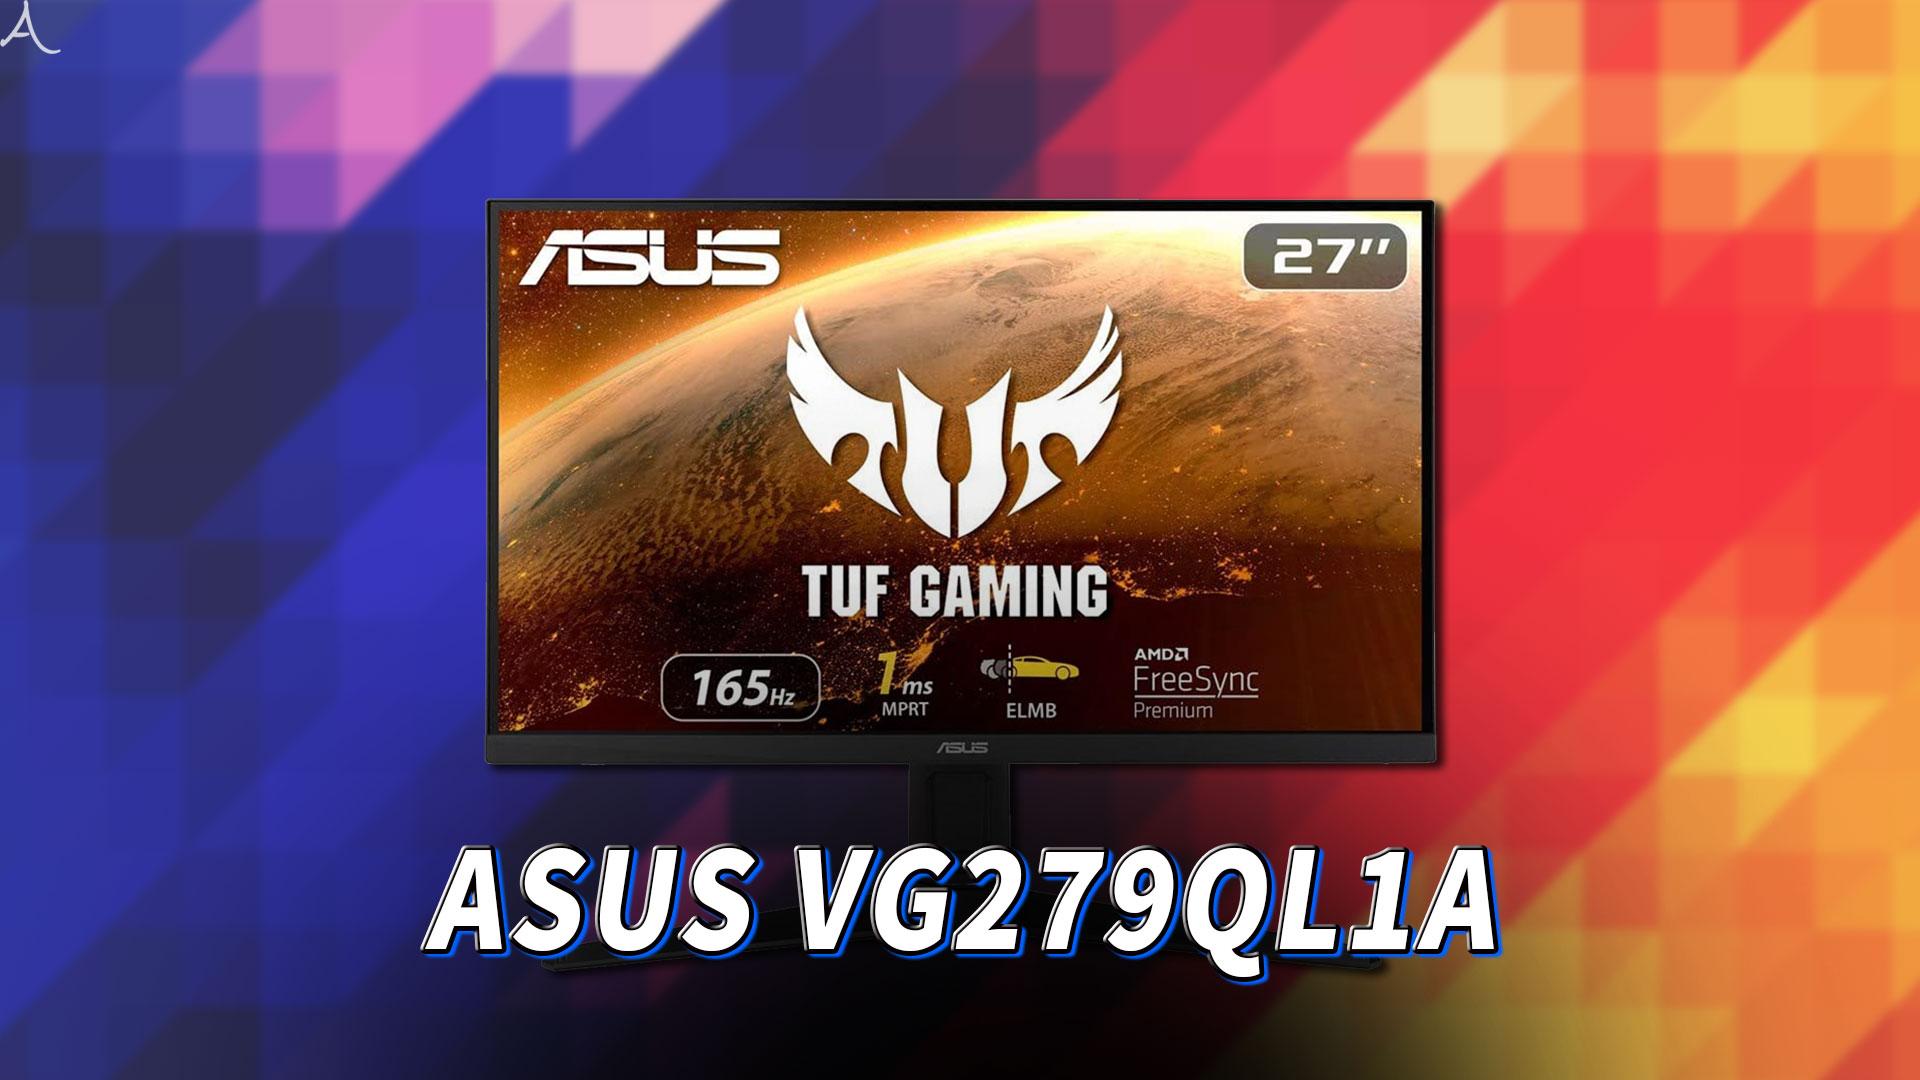 「ASUS TUF Gaming VG279QL1A」ってモニターアーム使える?VESAサイズやおすすめアームはどれ?